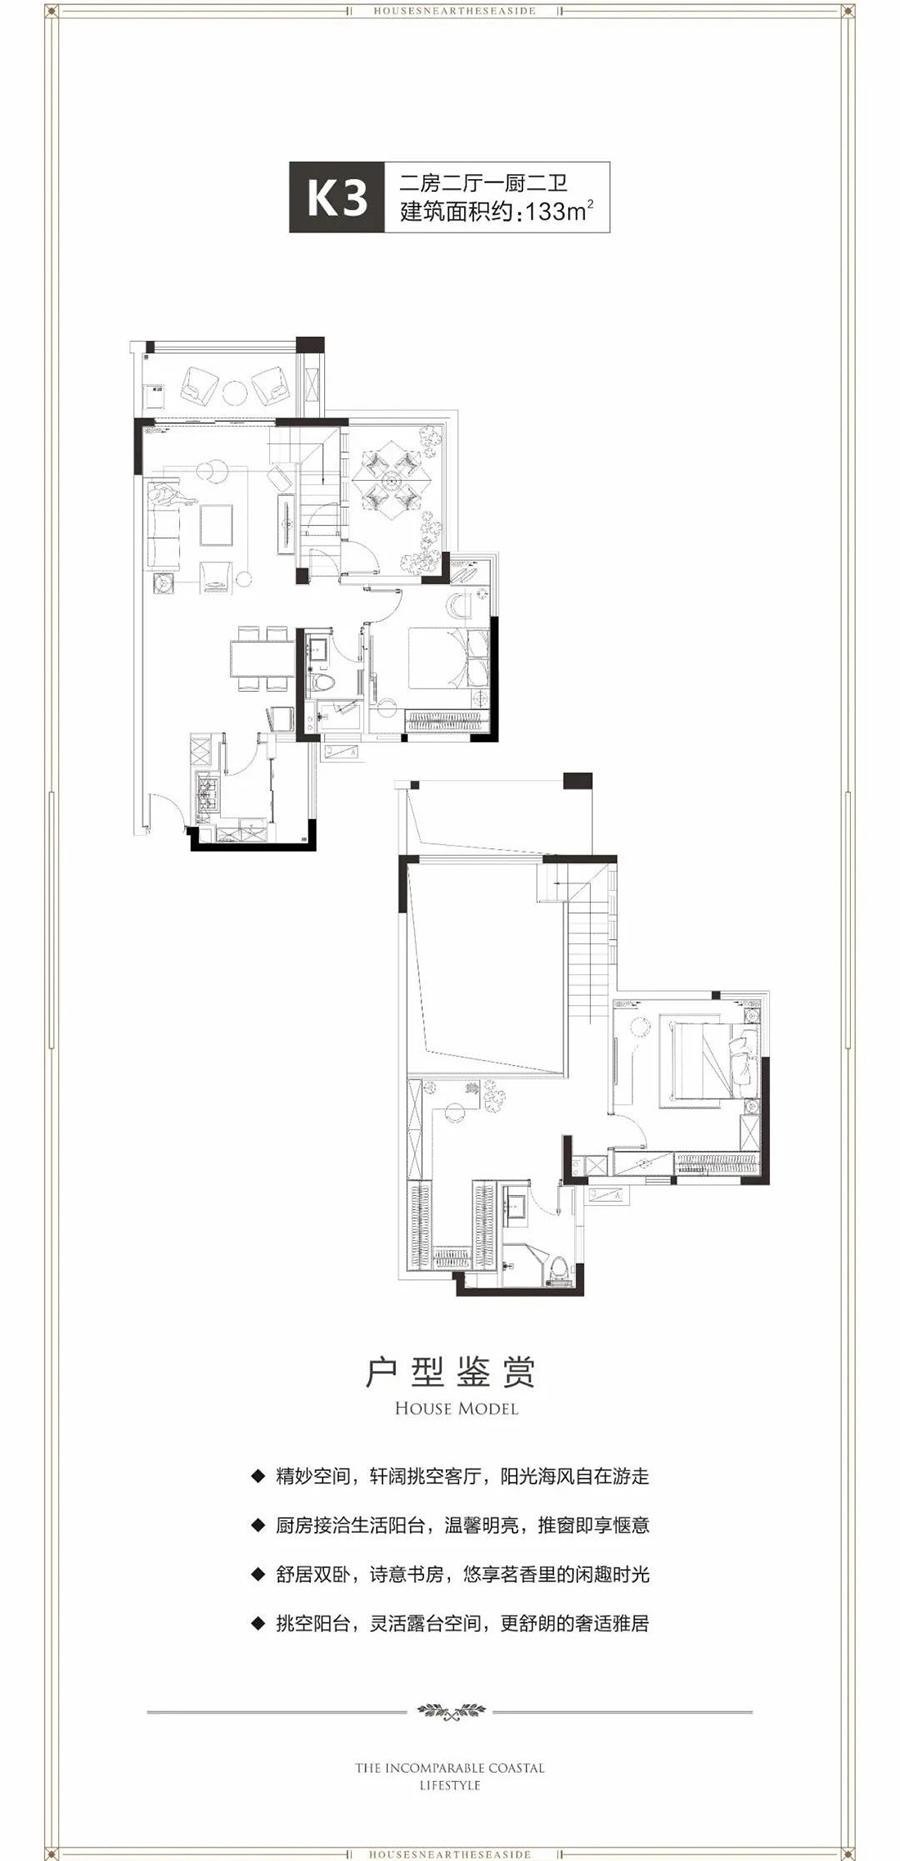 天赐上湾2房2厅1厨2卫 (建筑面积:133.00㎡)